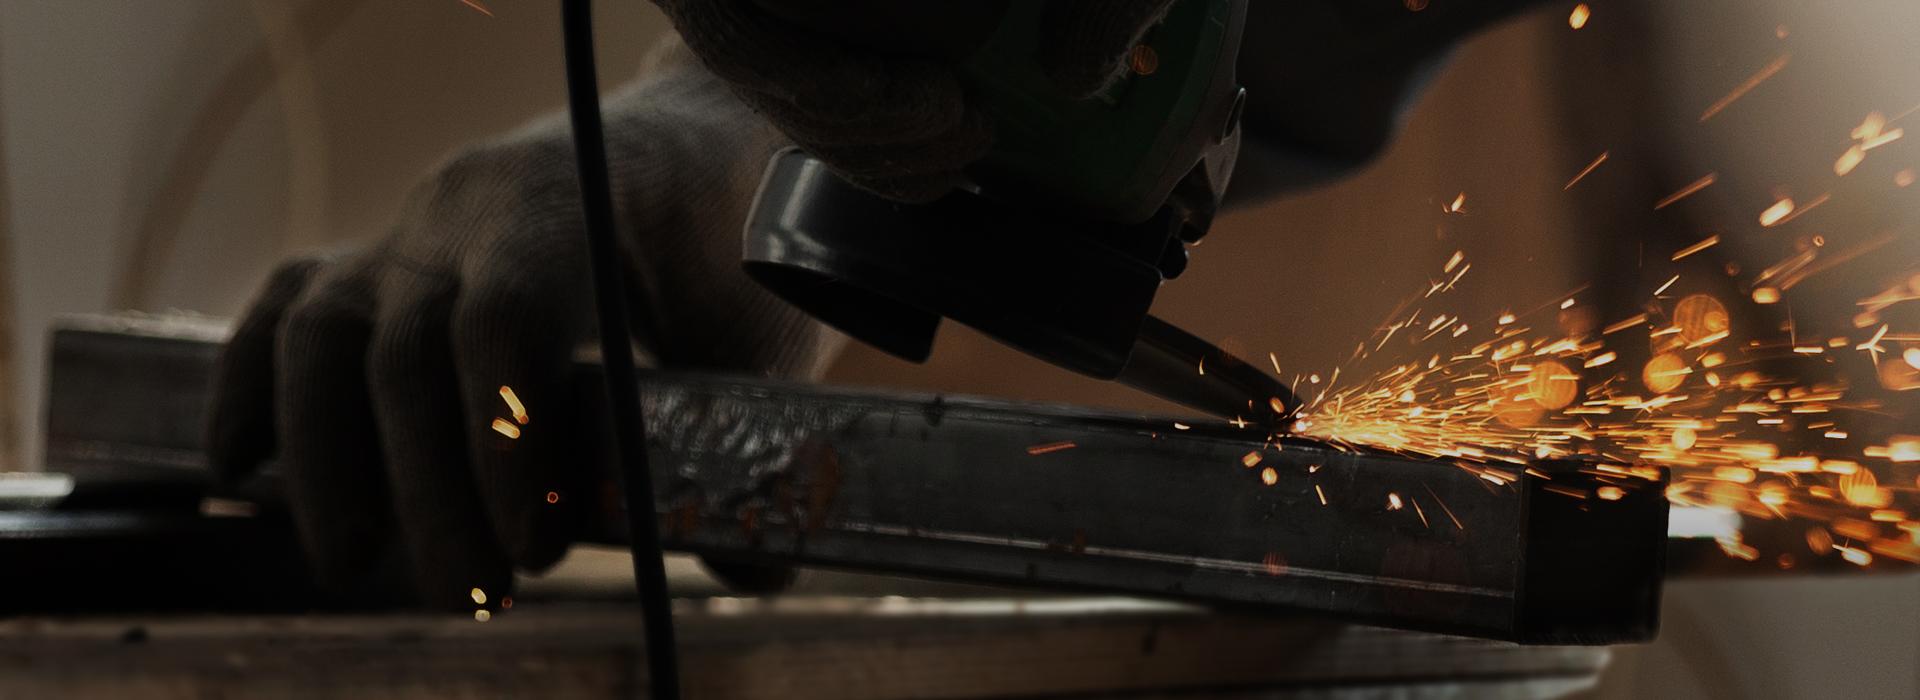 Производство изделий из металла под заказ по Вашим чертежам. Готовые дизайнерские решения с доставкой по всей России